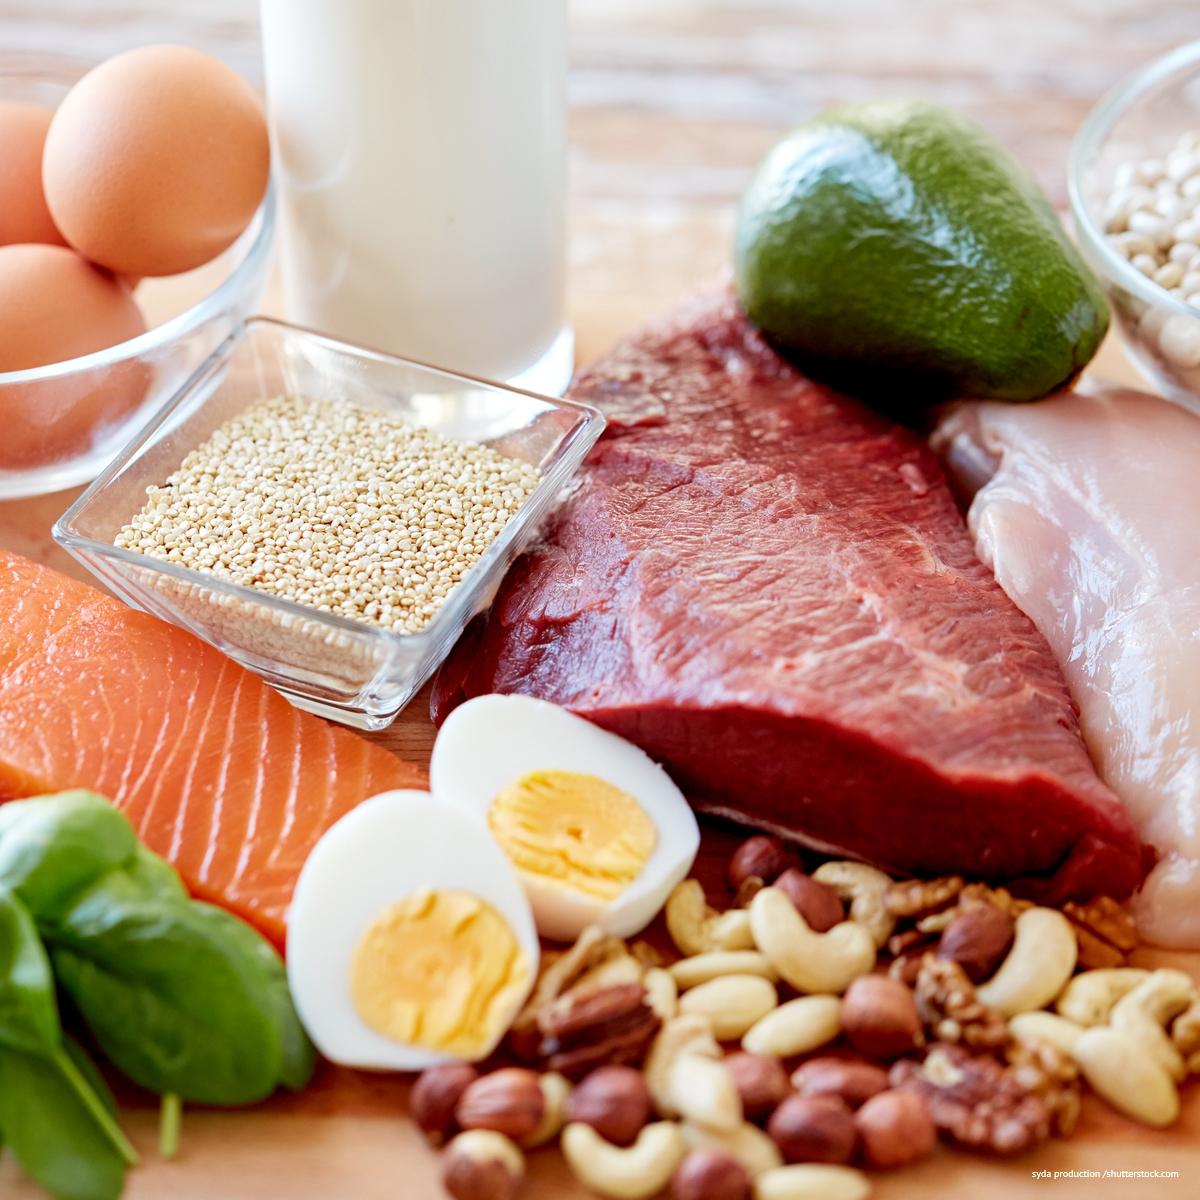 10-Lebensmittel-mit-hoher-Nährstoffdichte-fuer-Vitamin-B12